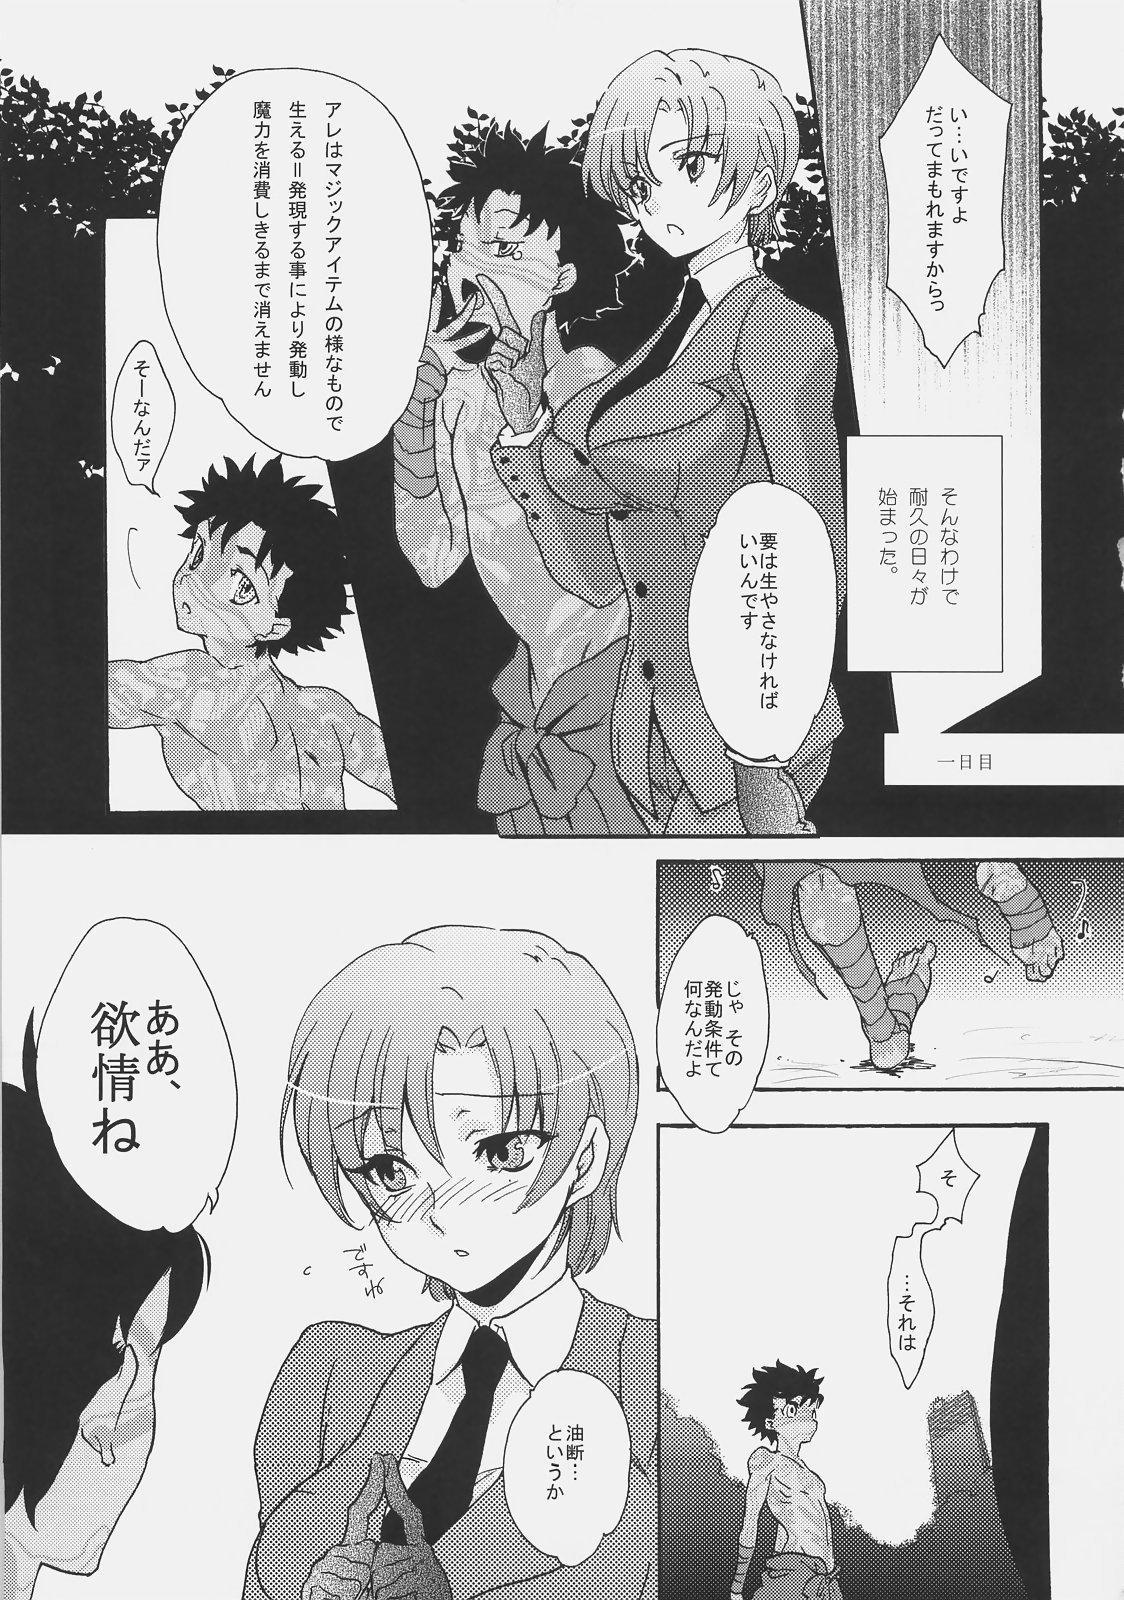 Bazett-san Ganbaru! 9